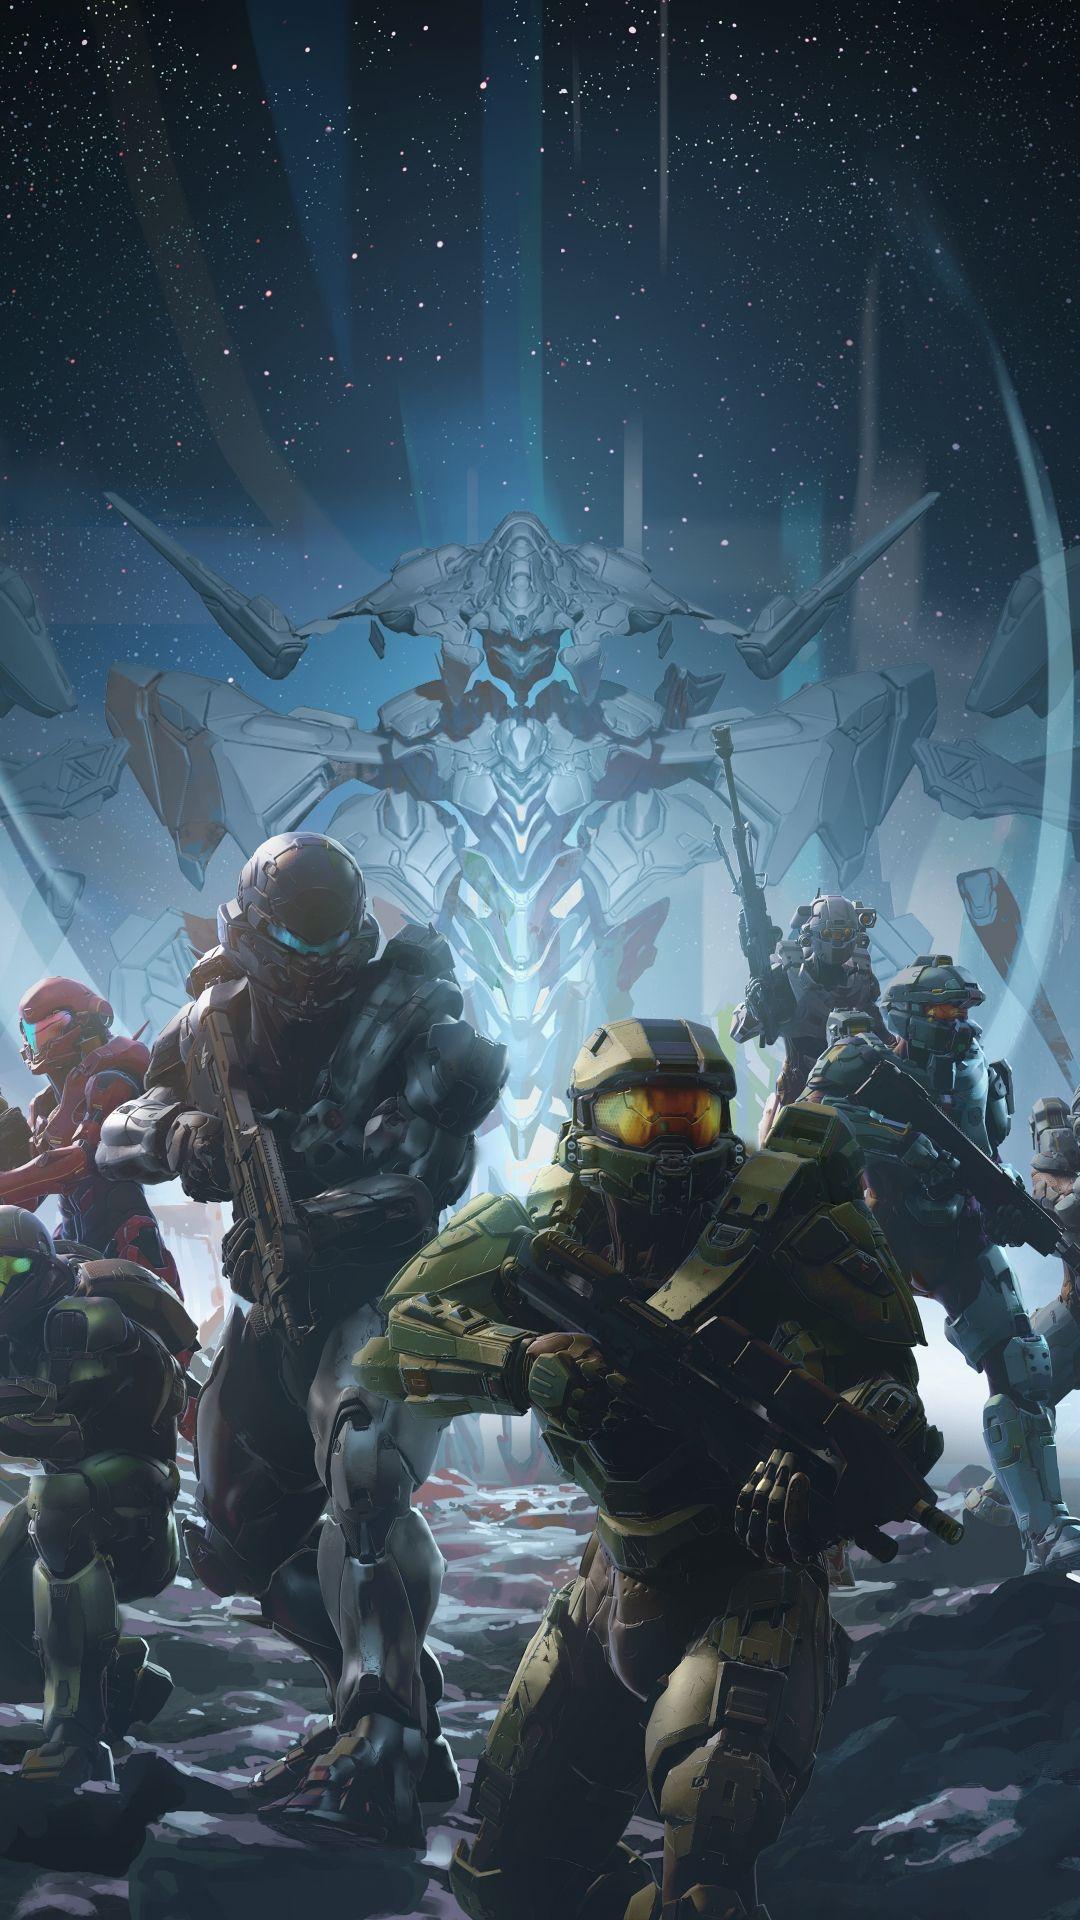 Halo 5 wallpaper Fondos de pantalla de juegos, Juego de